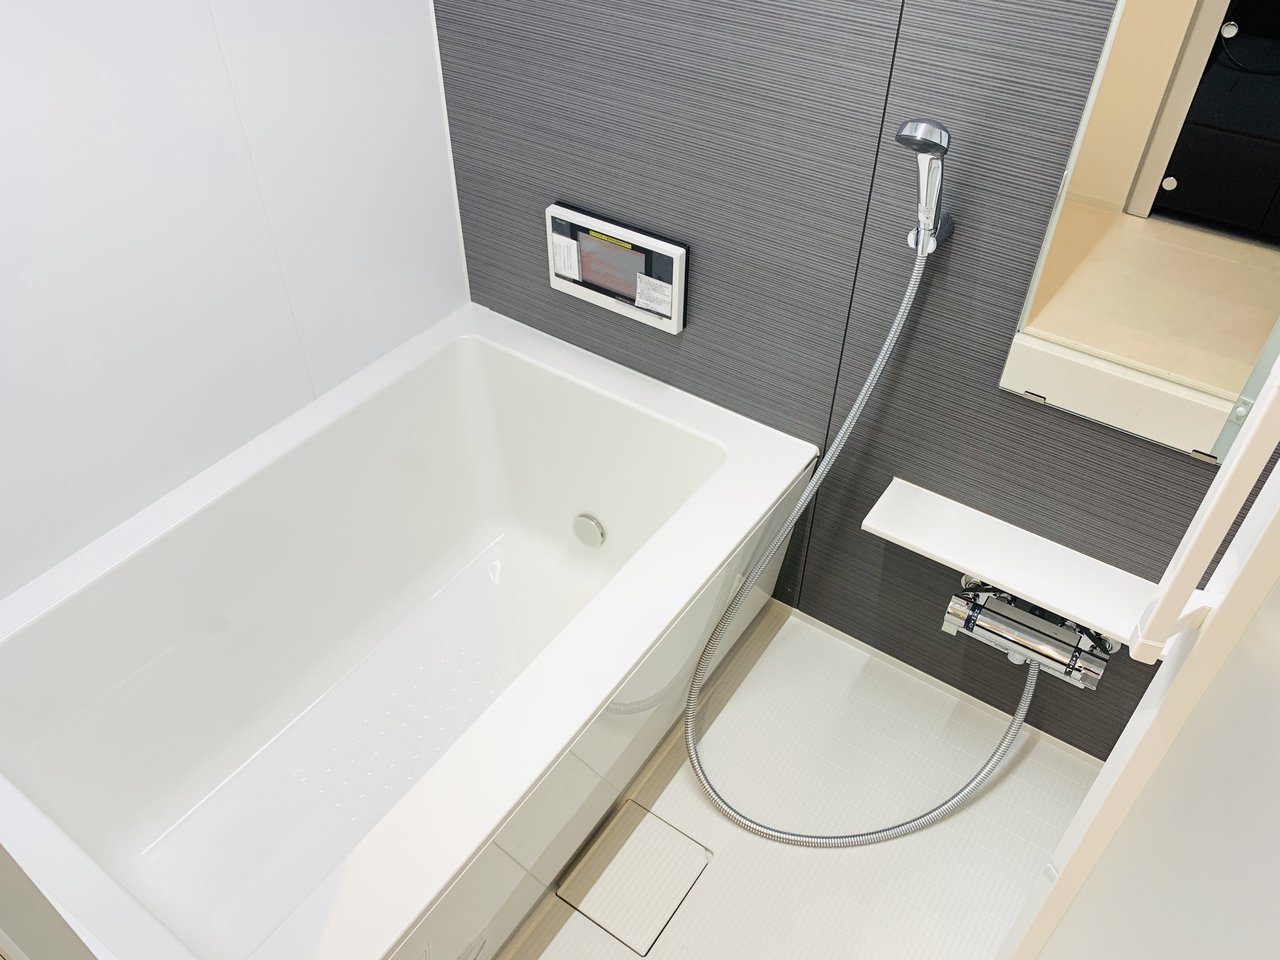 足も伸ばせる、ゆったりお風呂。テレビ付きなので、半身浴にもぴったりです。